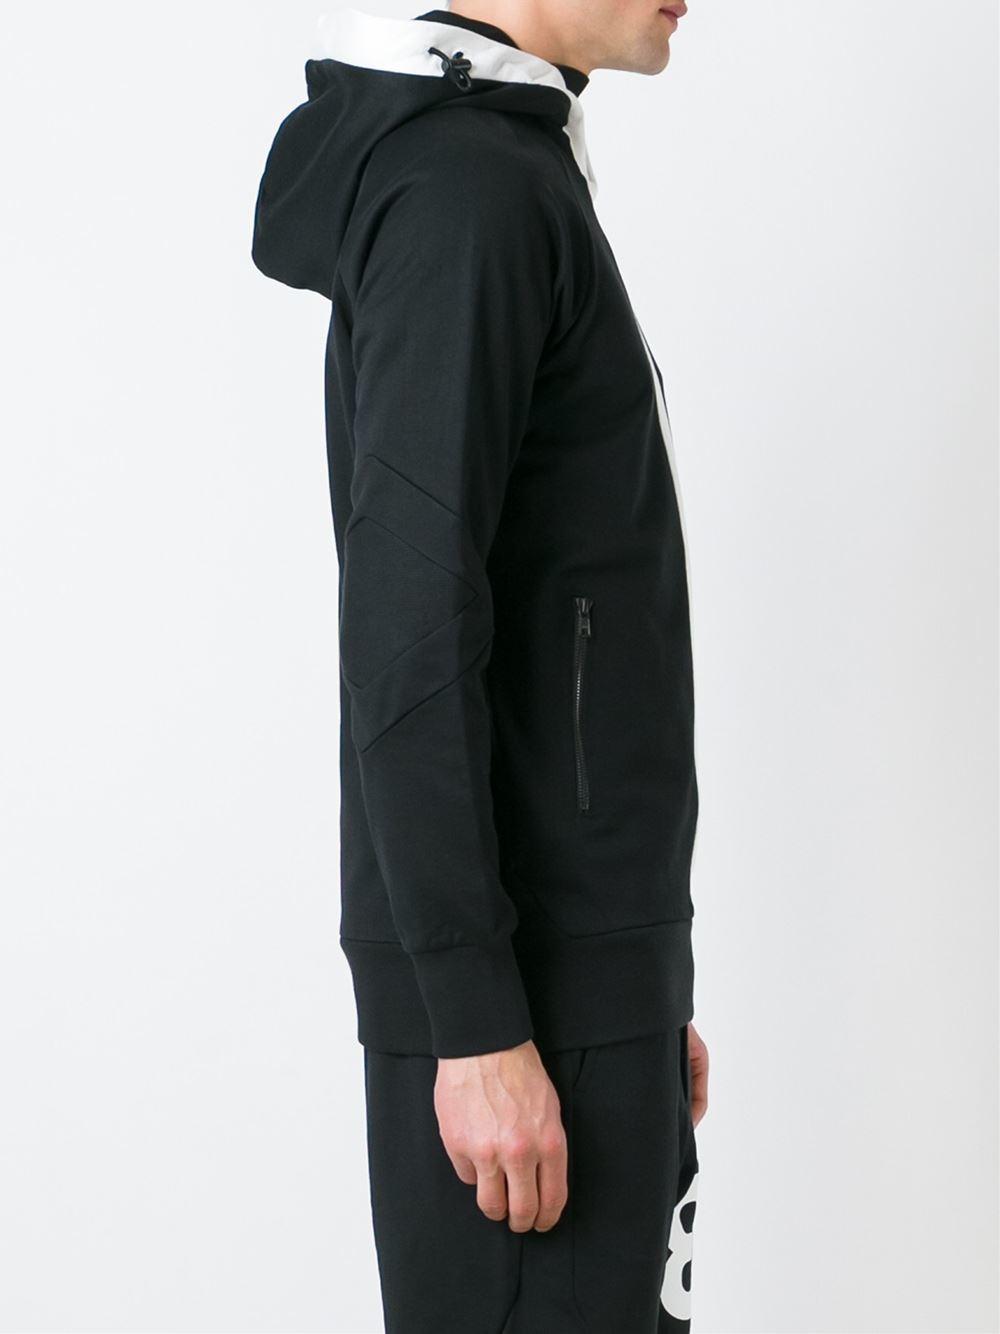 Y-3 Cotton Sleeve Logo Hoodie in Black for Men